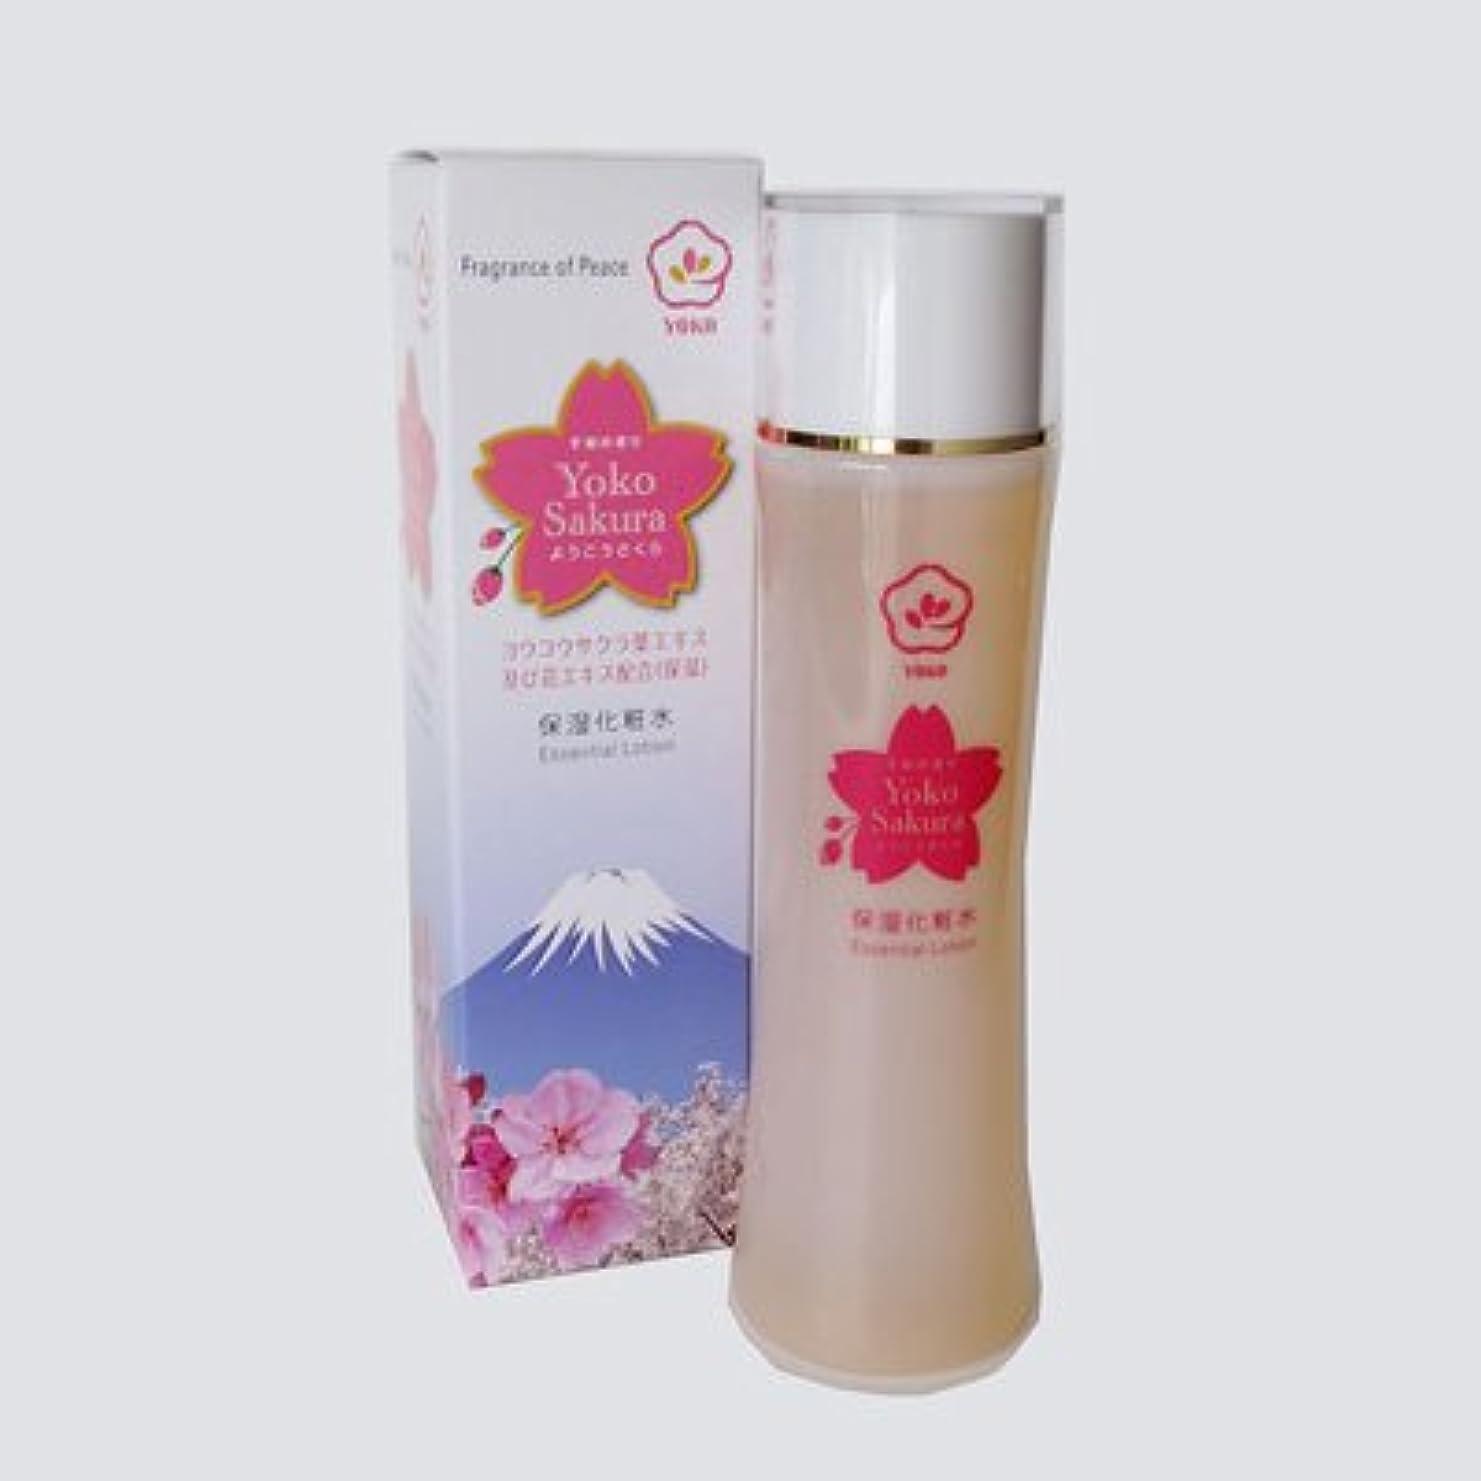 豆腐ナインへレタッチ陽光ローション(保湿化粧水) 陽光桜のエキス配合の保湿化粧水。敏感肌の方にもどうぞ